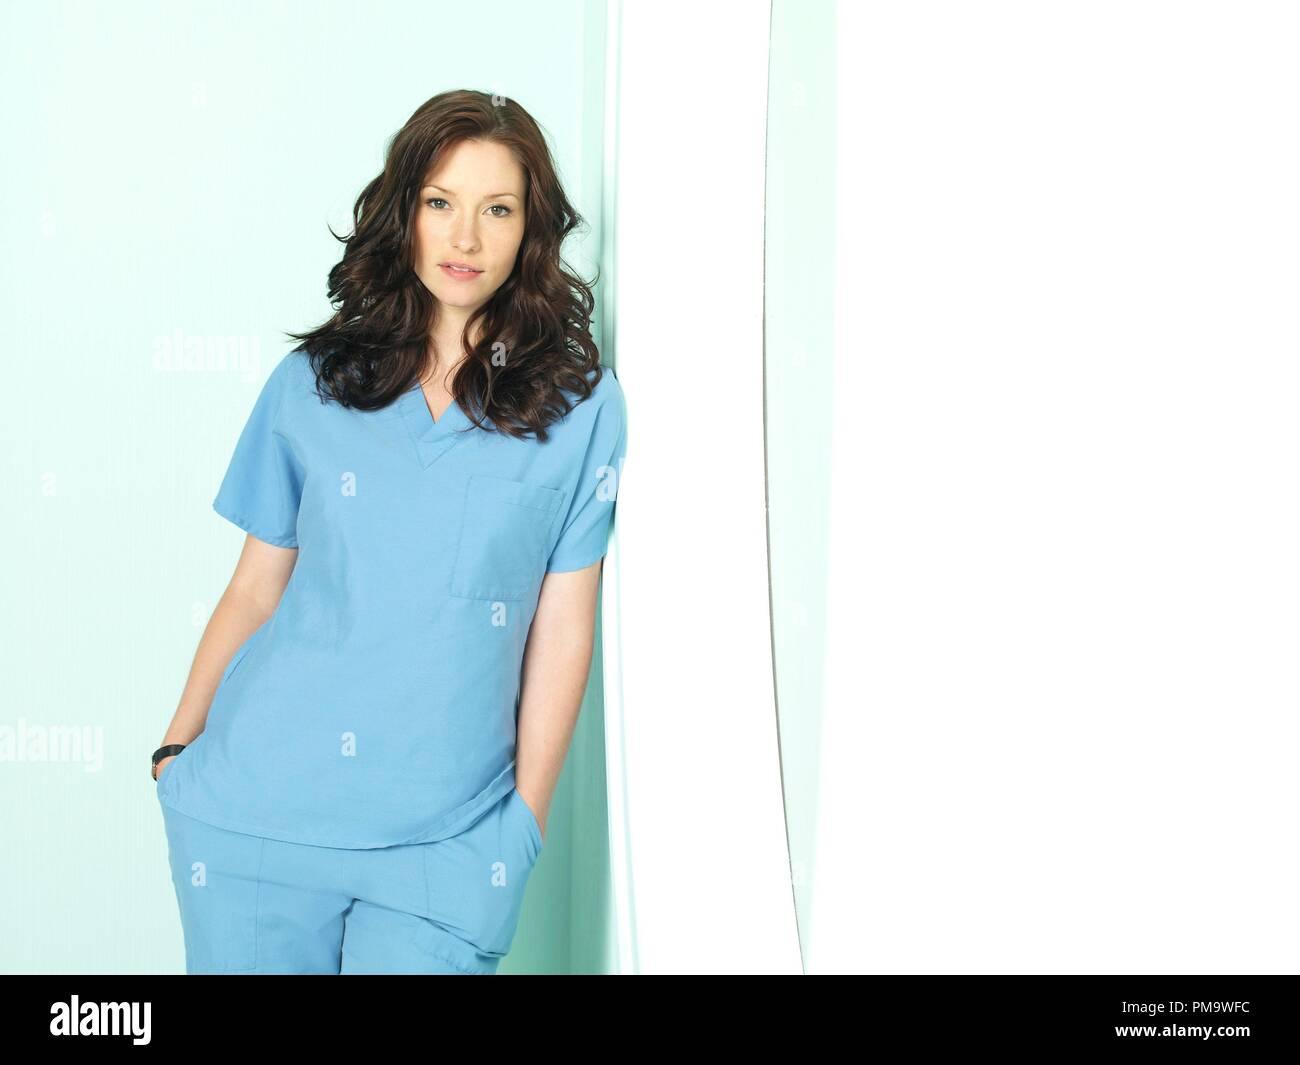 b74fabc20d1 GREY'S ANATOMY - ABC's 'Grey's Anatomy' stars Chyler Leigh as Lexie ...